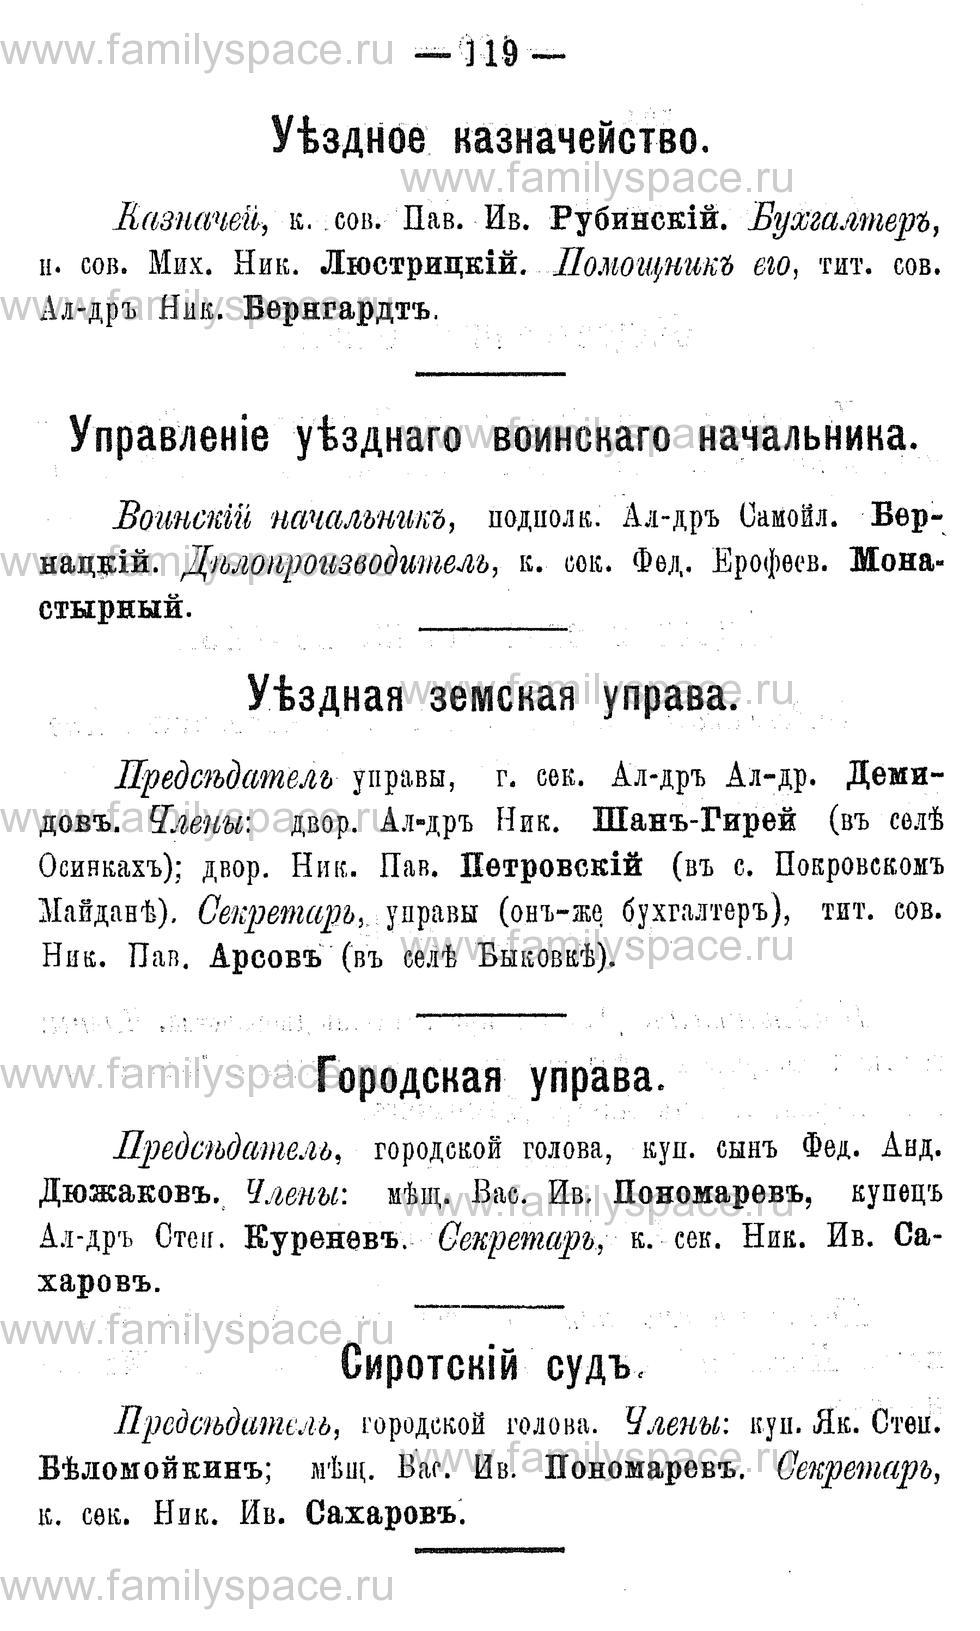 Поиск по фамилии - Адрес-календарь Нижегородской губернии на 1891 год, страница 119